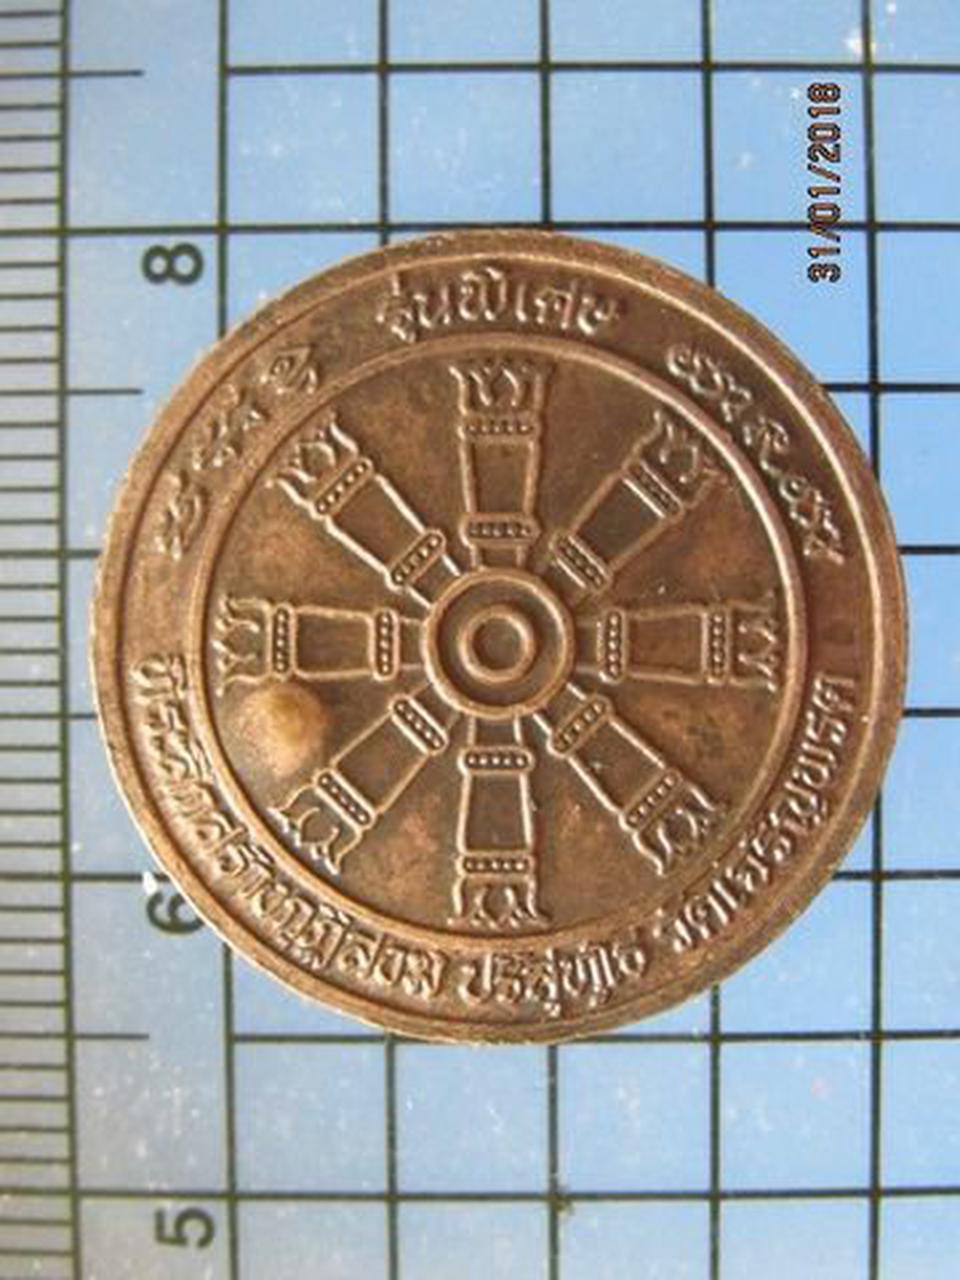 5057 เหรียญพระพุทธชินราช รุ่นสร้างกุฎิ ปริสุทโธ วัดเจริญพรต  รูปที่ 1